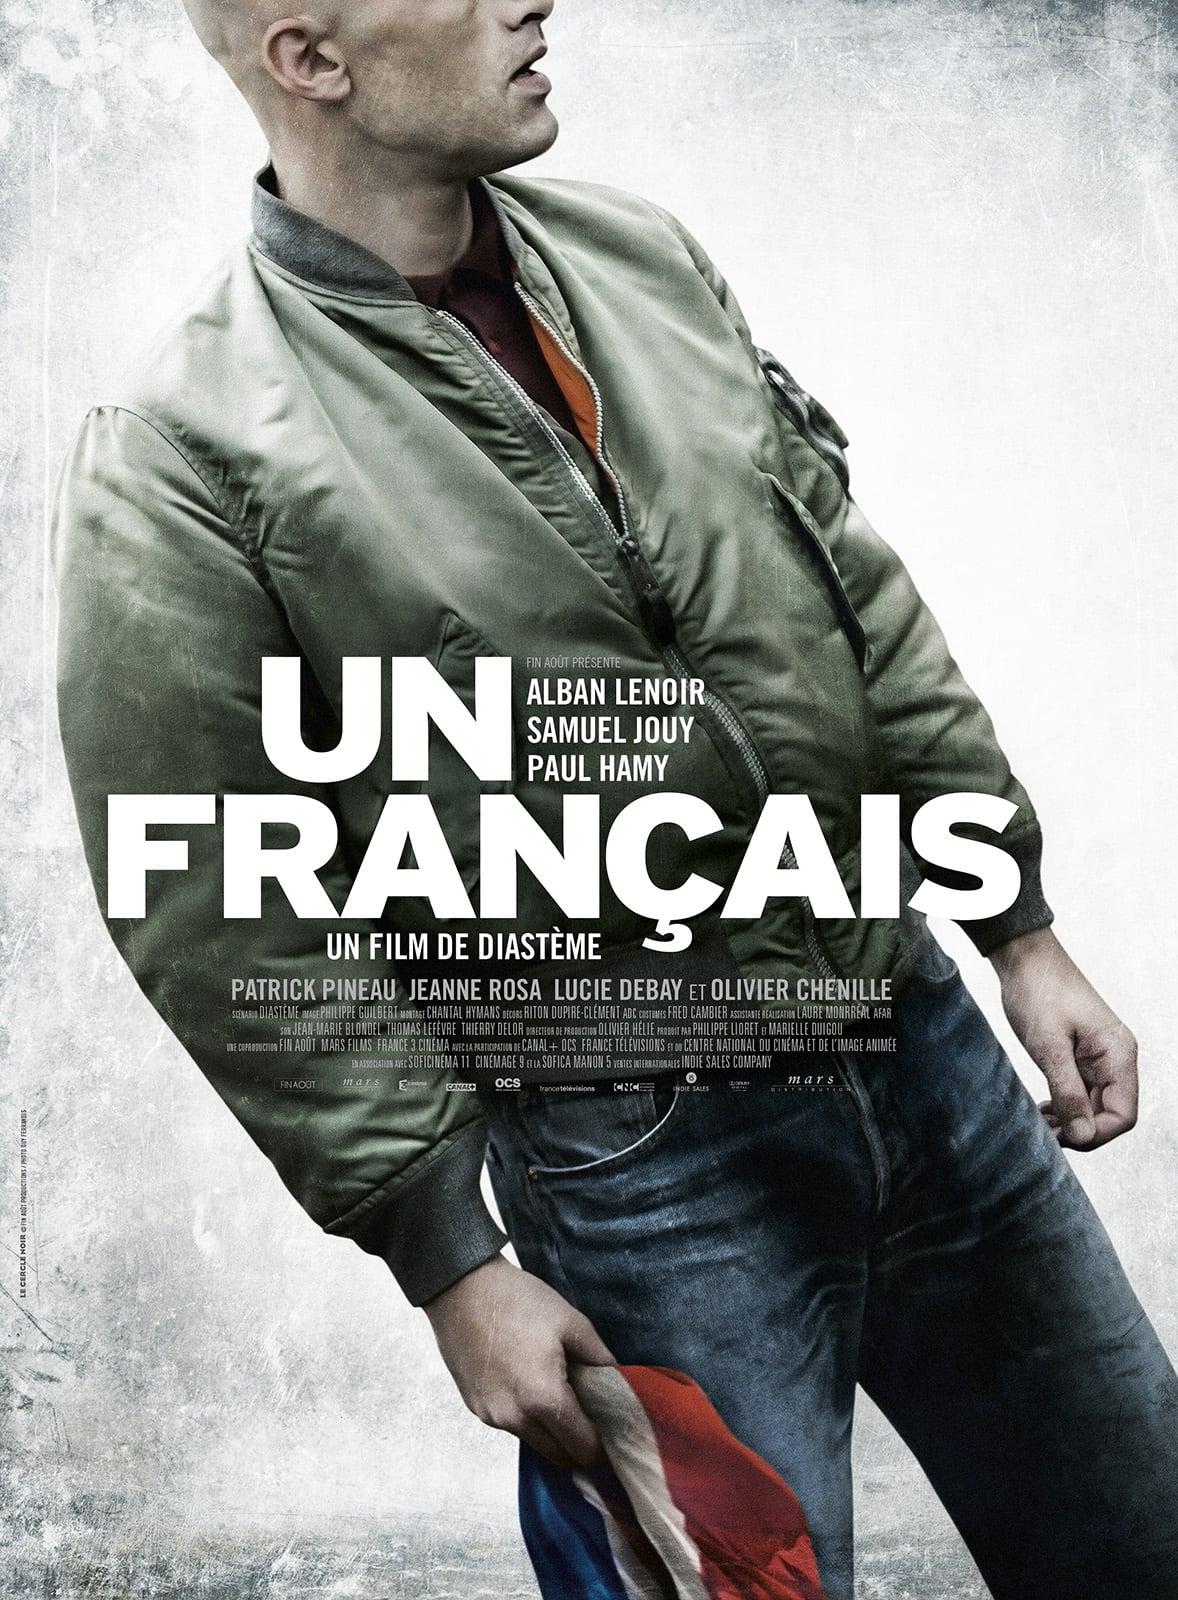 film un francais - 2015